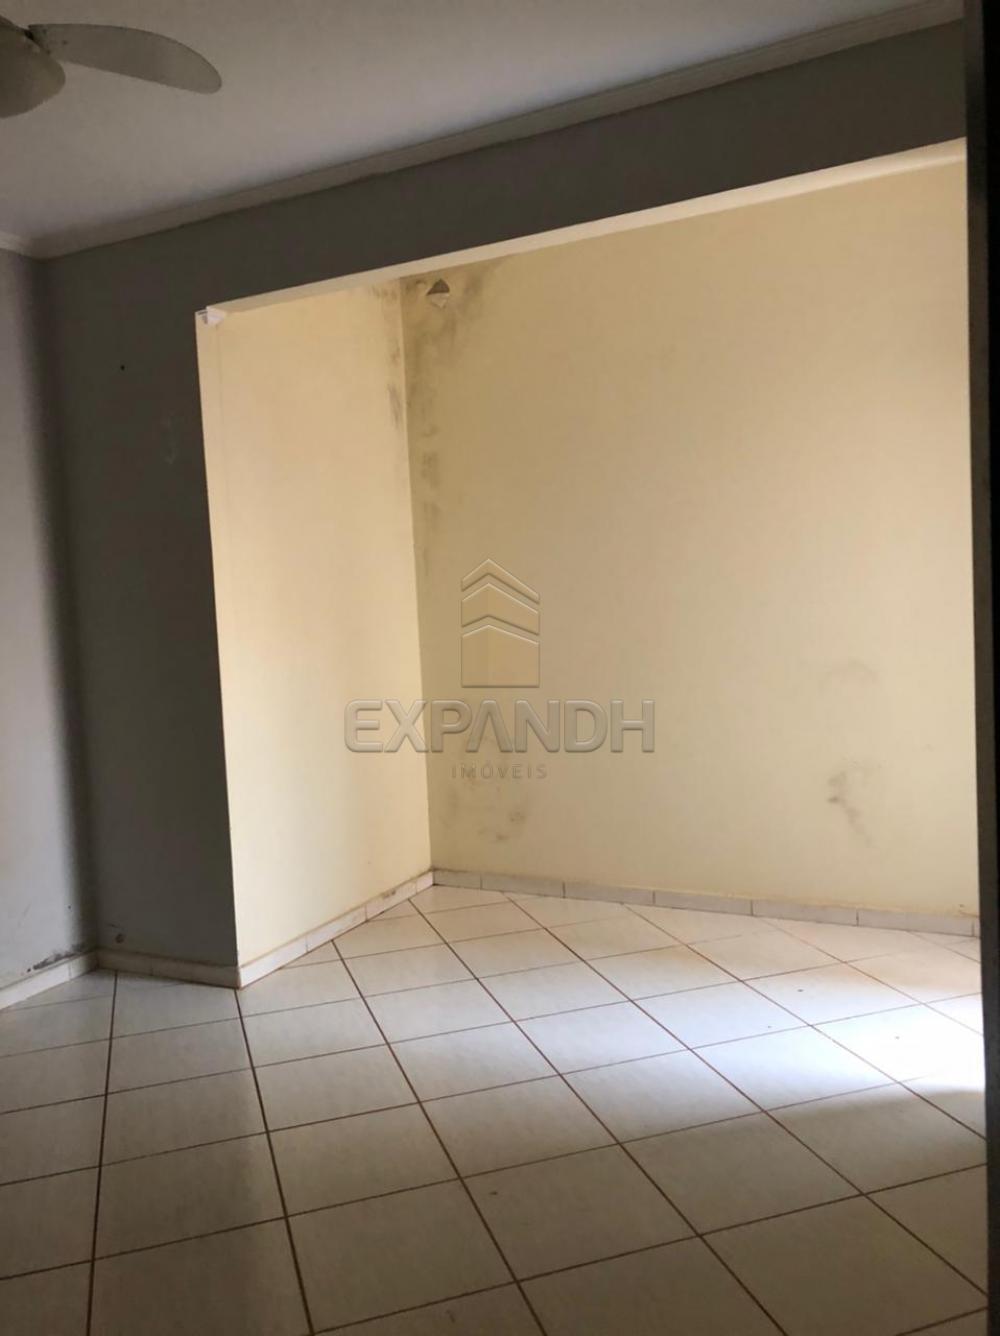 Alugar Casas / Padrão em Sertãozinho apenas R$ 1.500,00 - Foto 13